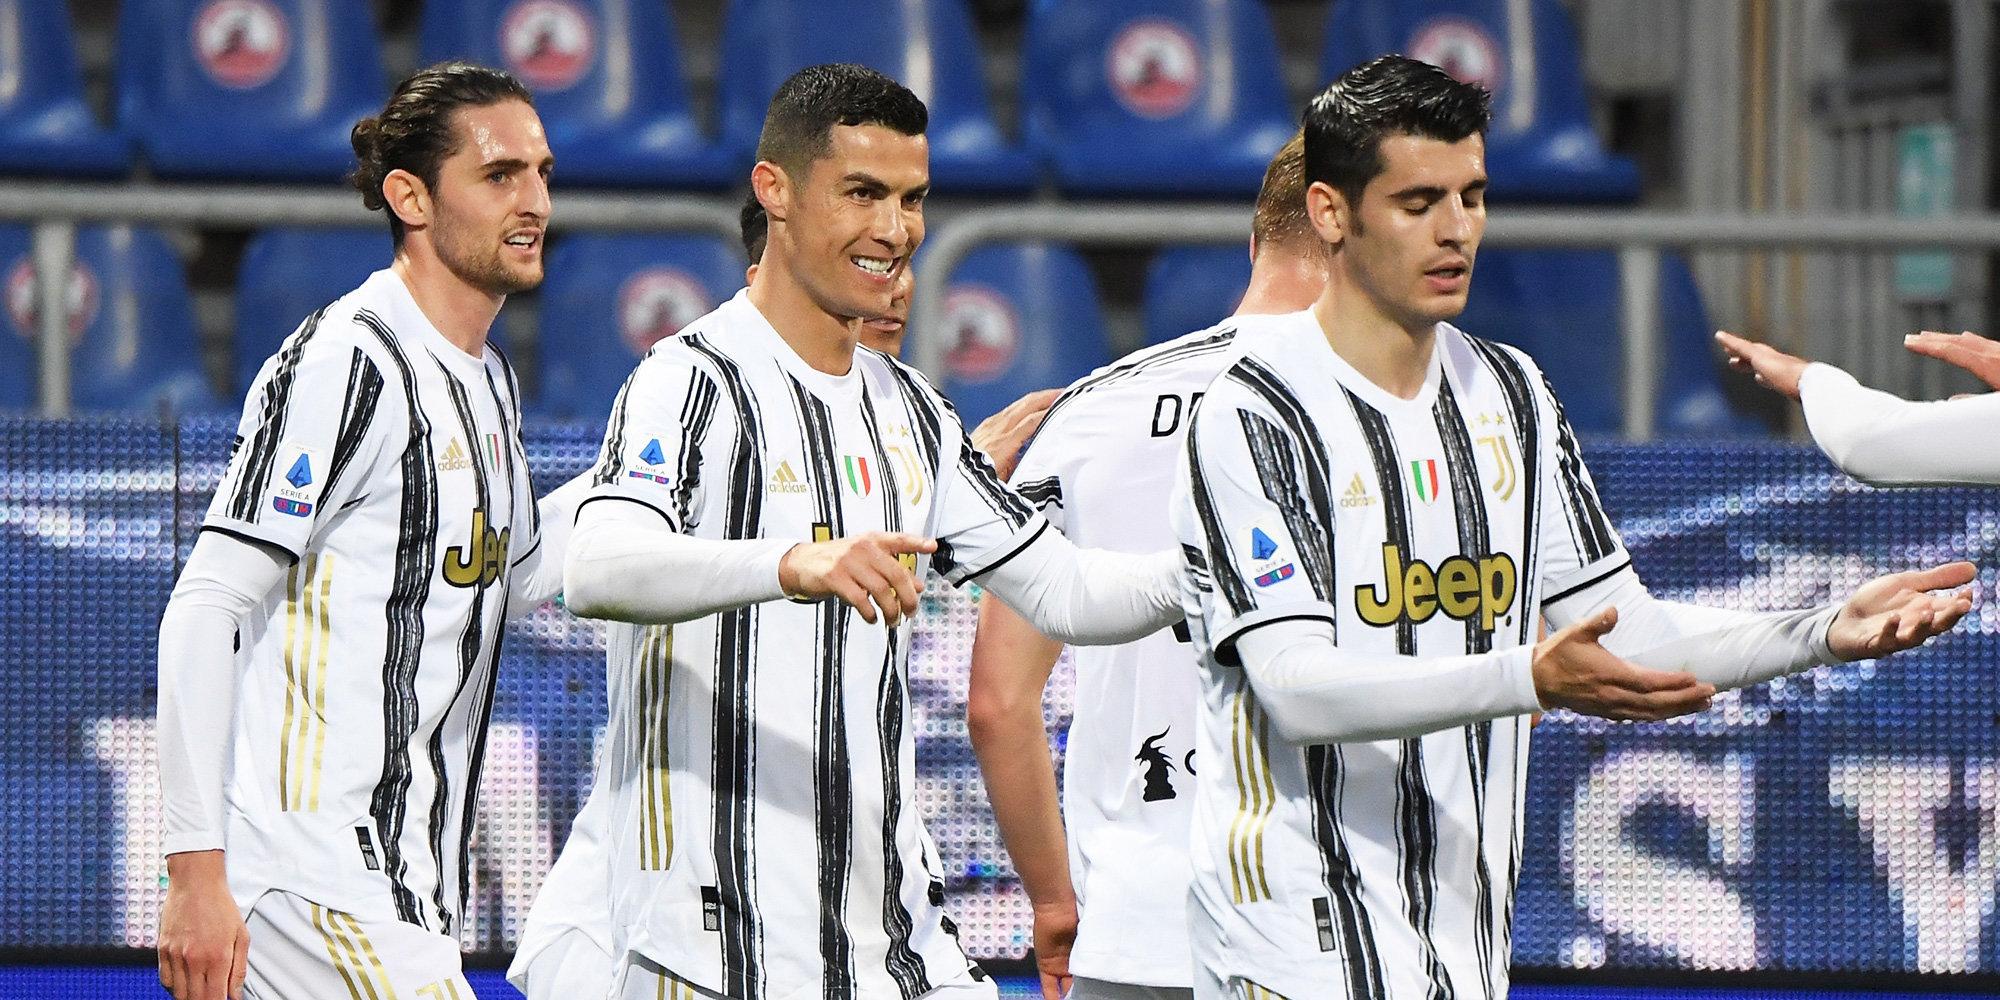 «Ювентус» победил «Парму» в Серии А, «Интер» не сумел переиграть «Специю»